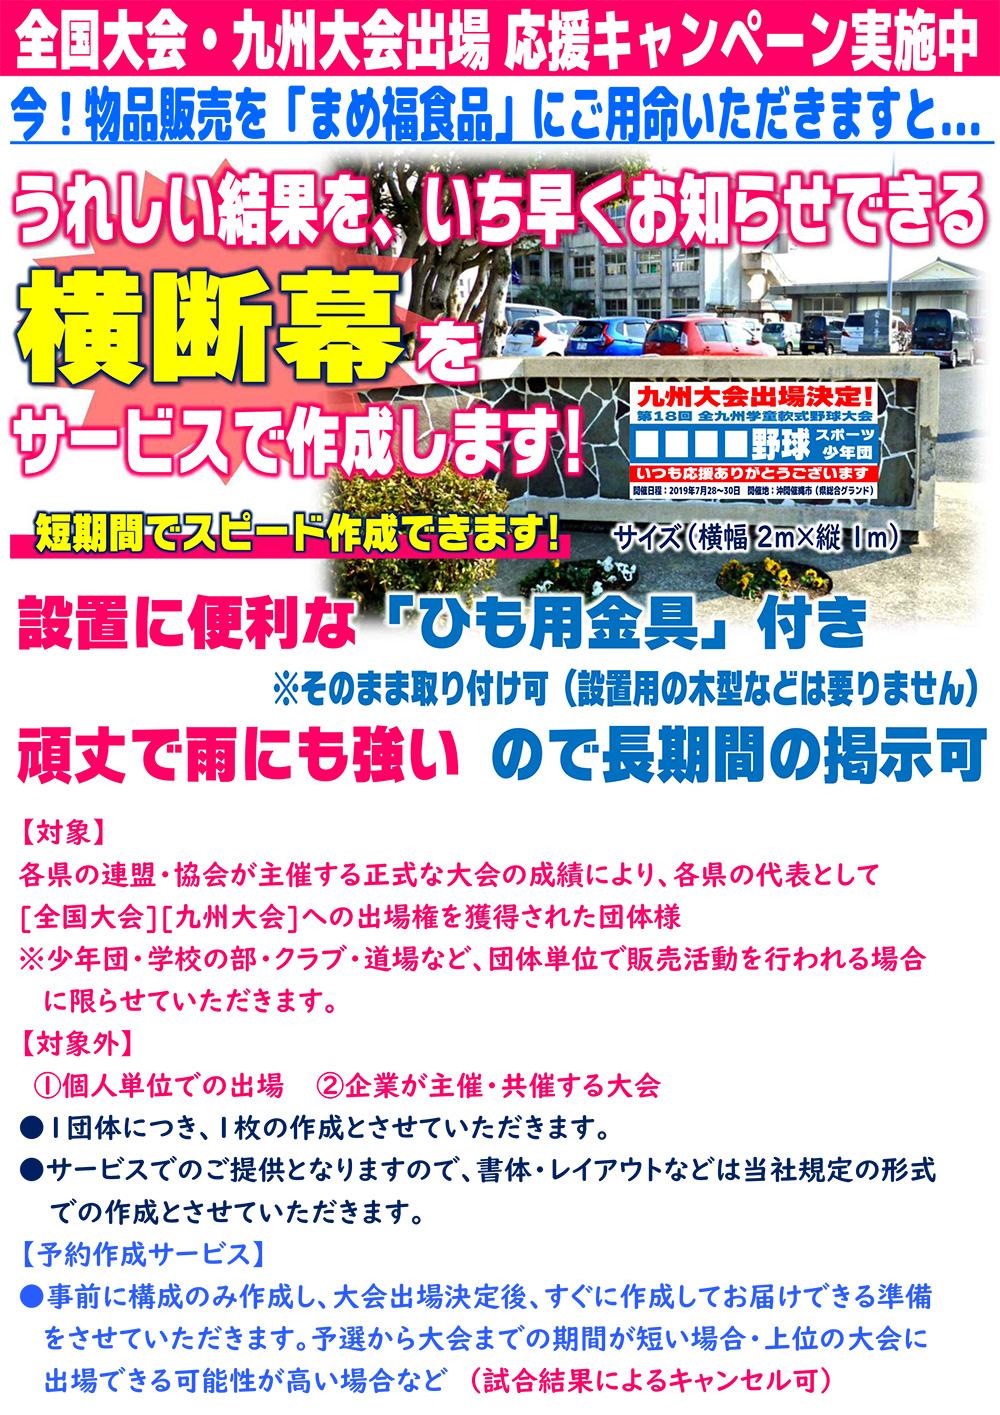 taikai-campaign01